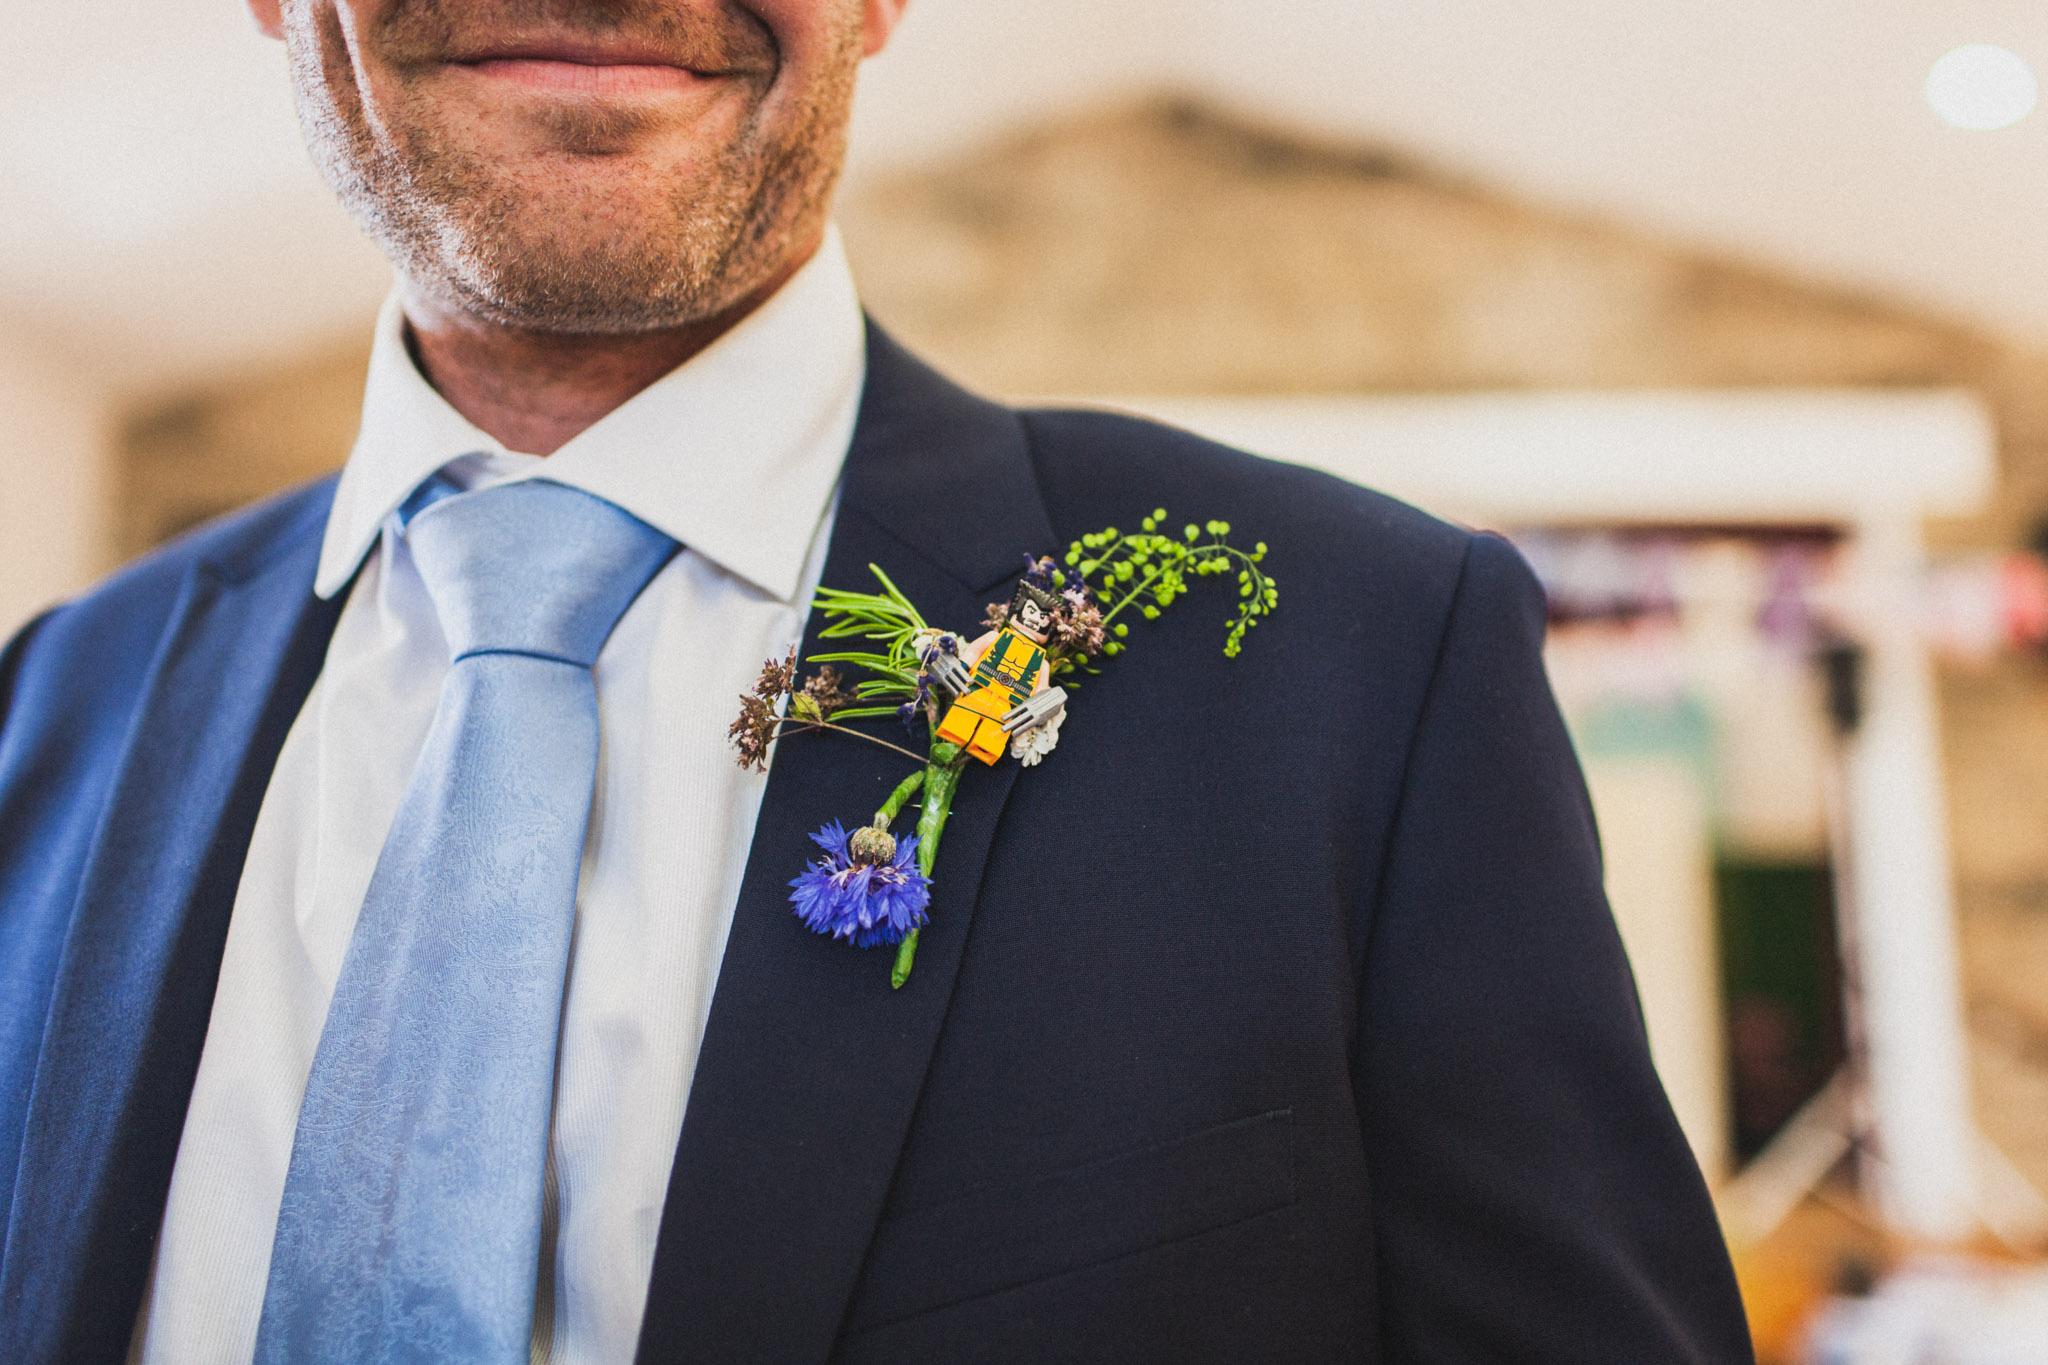 wedding_robin_hoods_bay_whitby_075.jpg